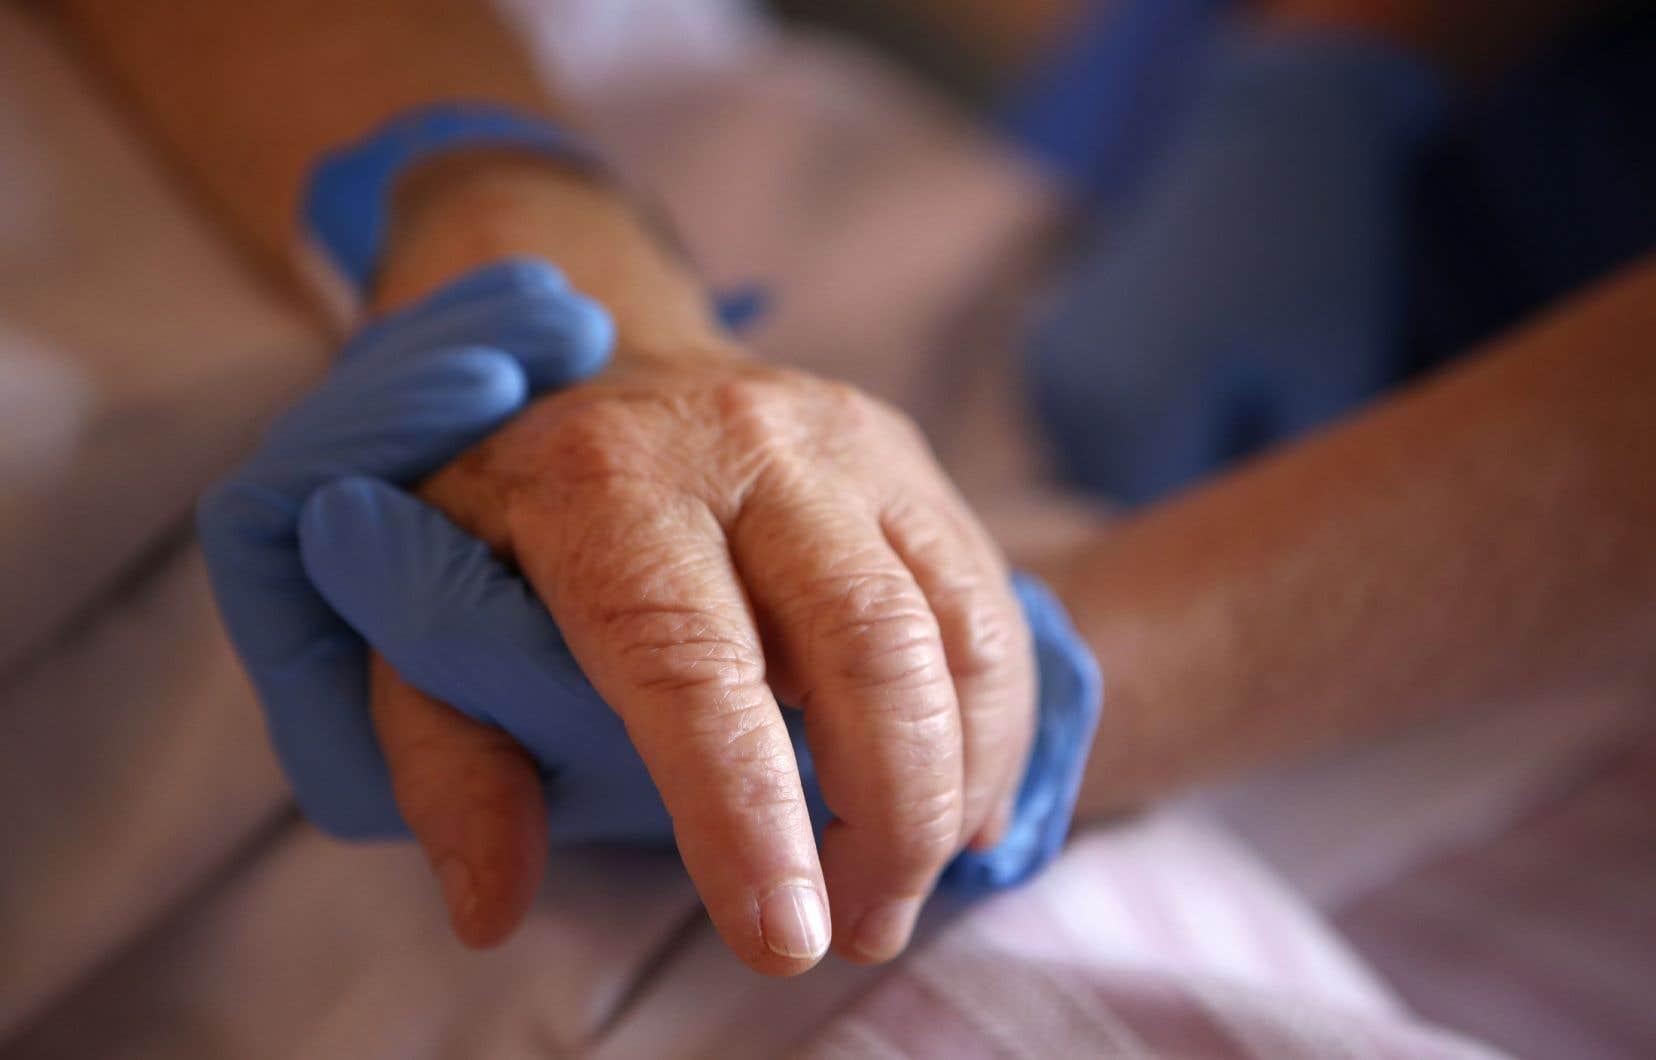 Le gouvernement de Justin Trudeau avait demandé et obtenu un sursis jusqu'au 11juillet pour modifier sa loi sur l'aide médicale à mourir.